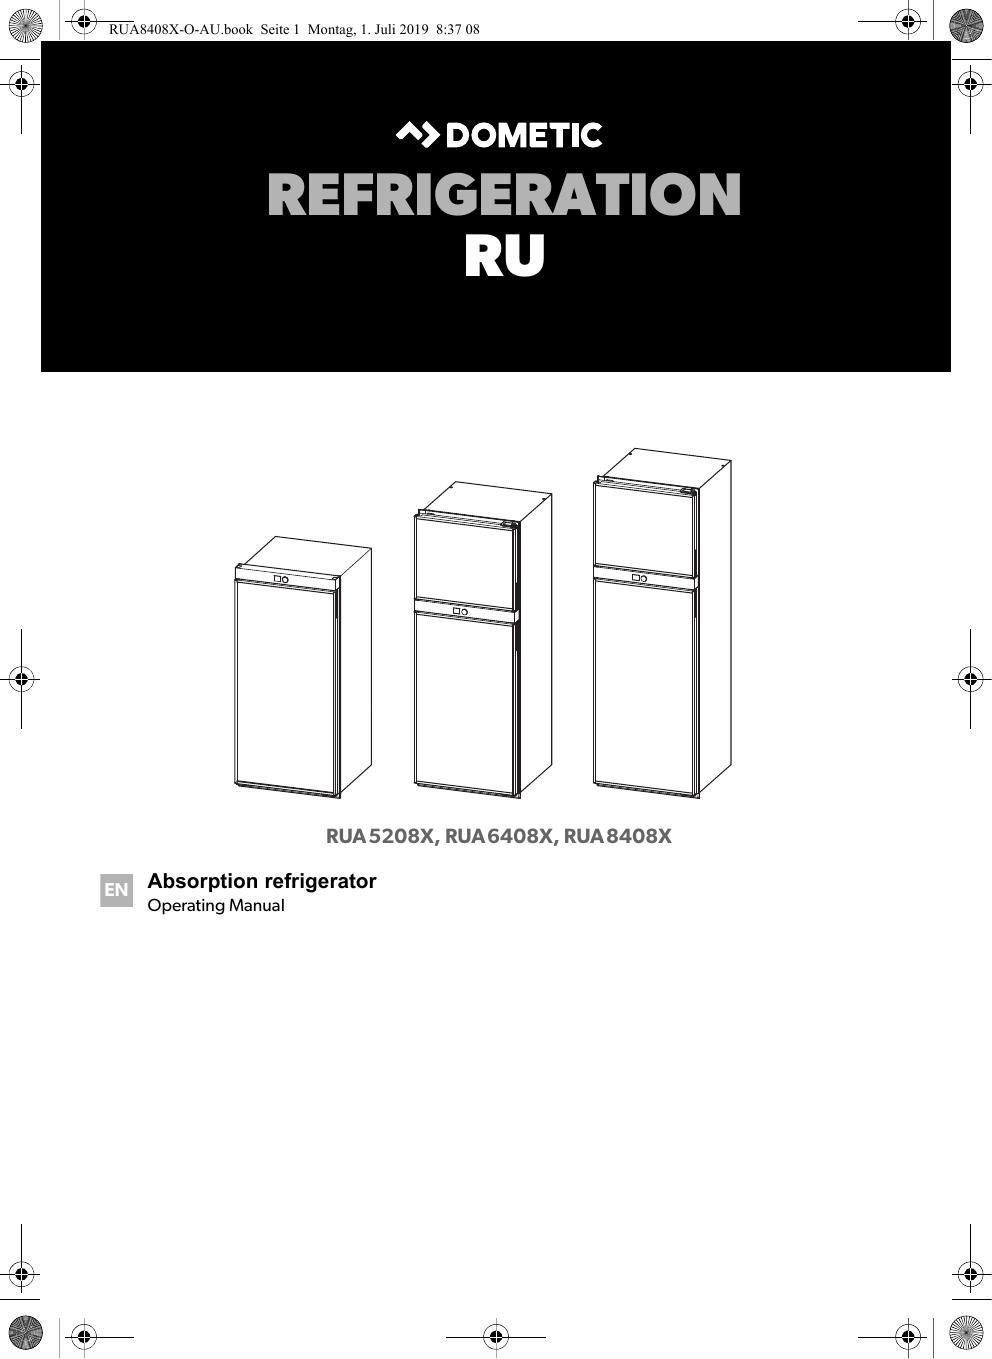 Dometic RUA5208X, RUA6408X, RUA8408X Operating Manual